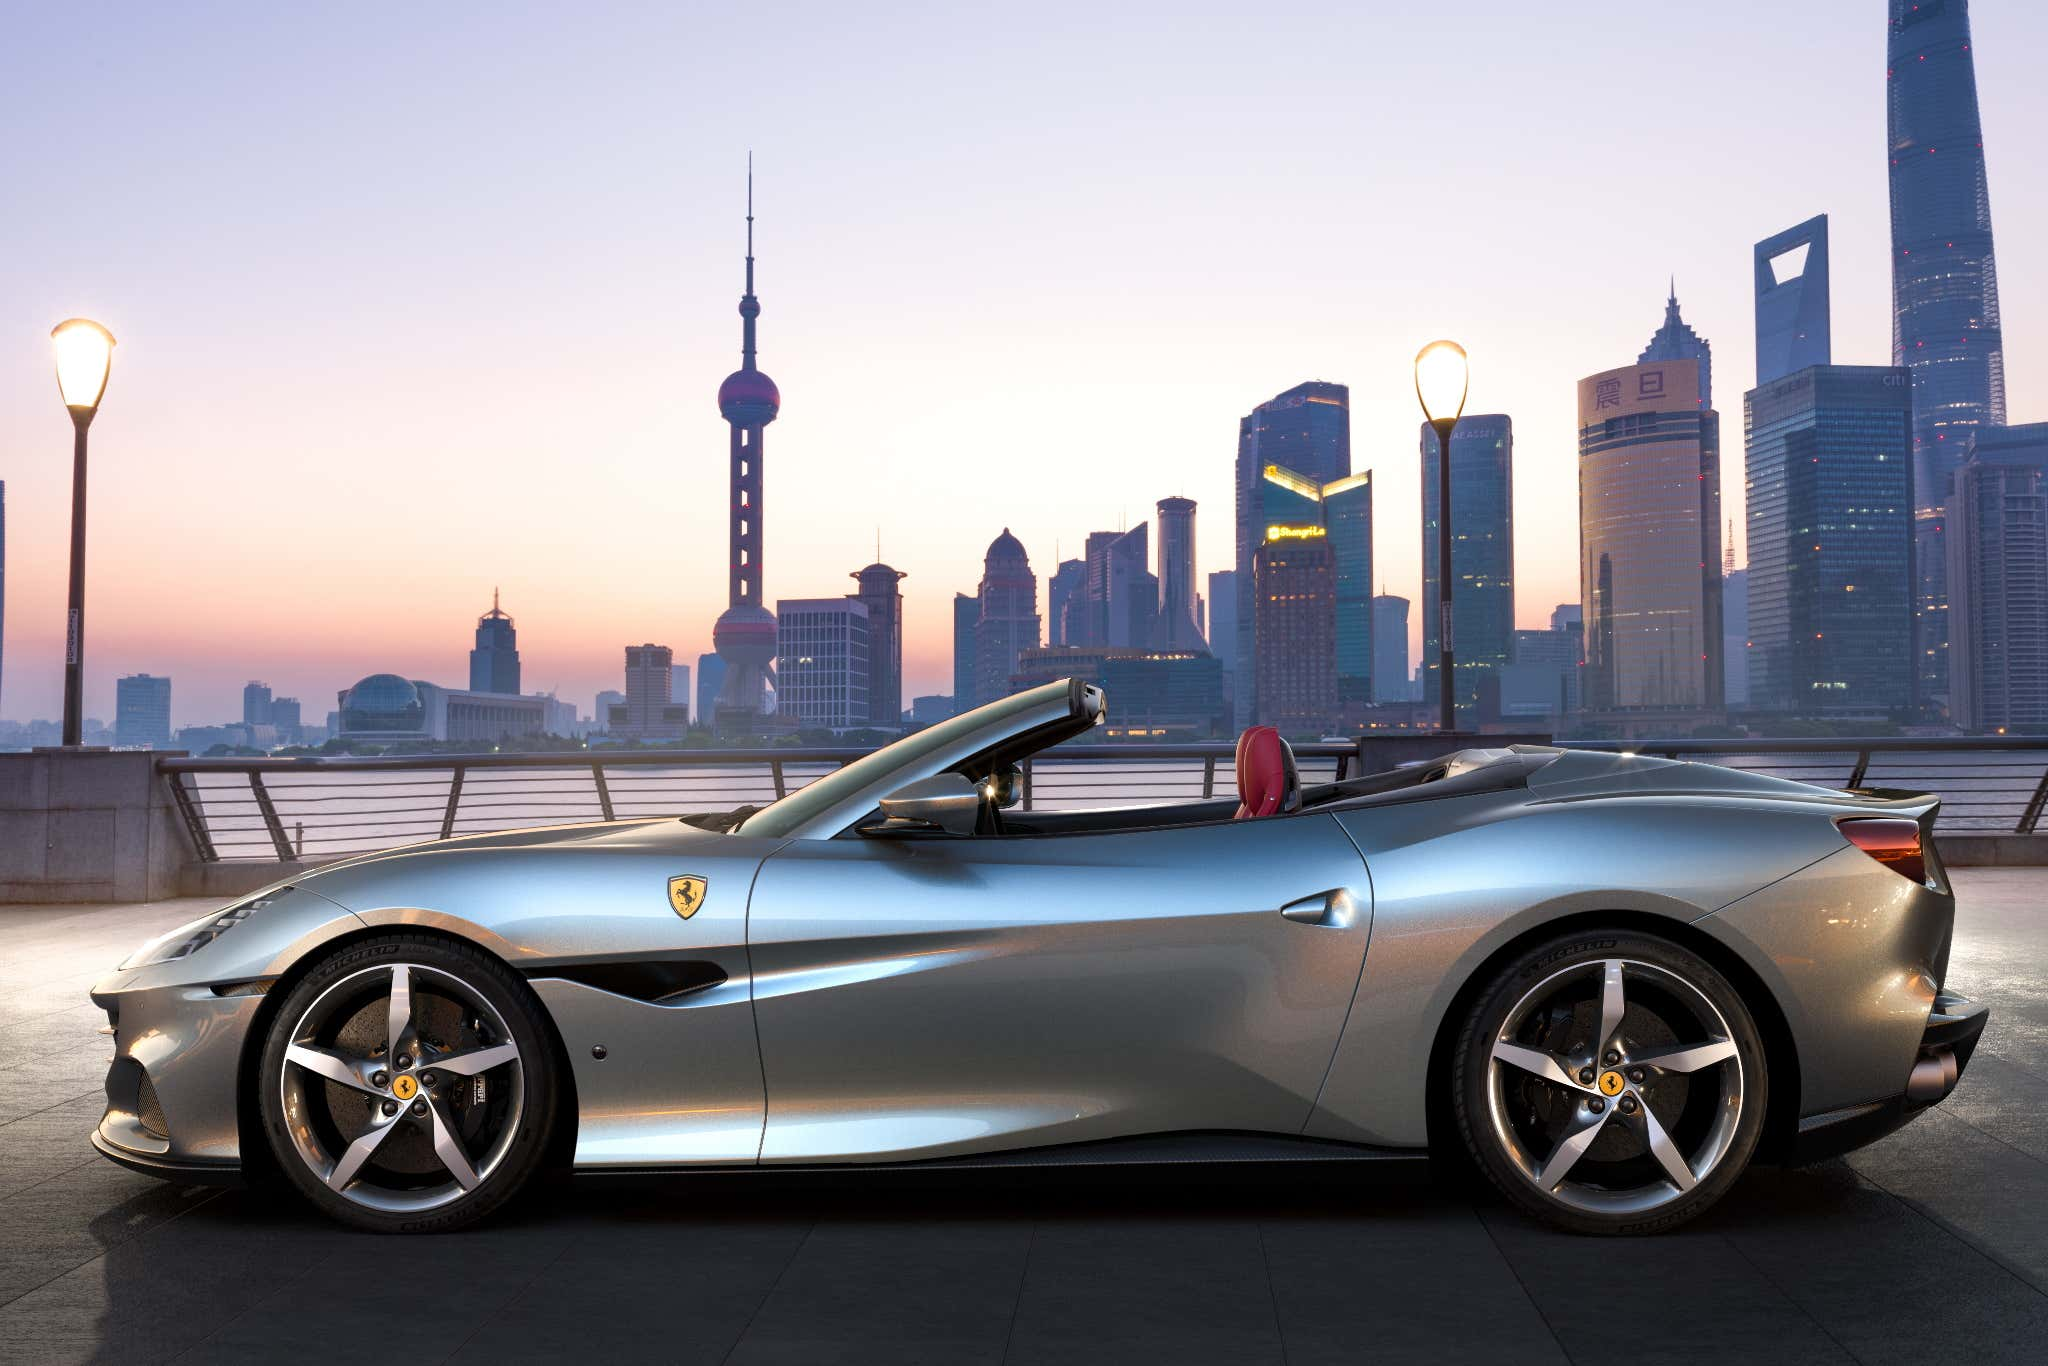 2021 Ferrari Portofino M The Entry Level Ferrari Gets 20 Hp A Boatload Of Safety Tech